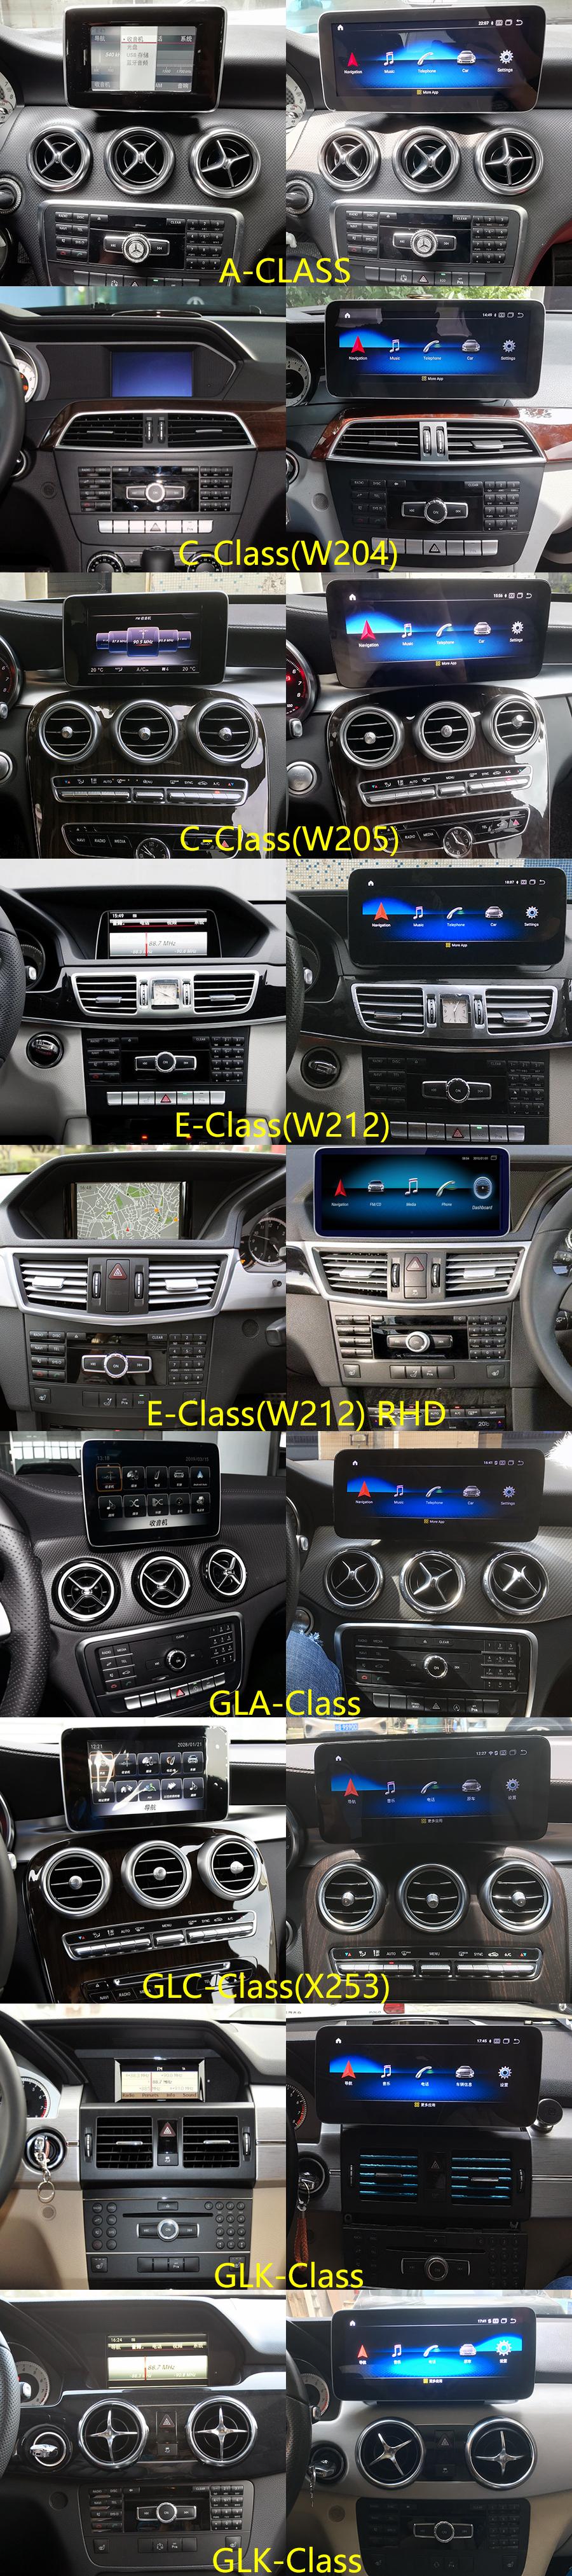 Mercedes-Benz A/B/C/CLA/CLS/E/G/GLA/GLC/GLK/V/X radio upgrade